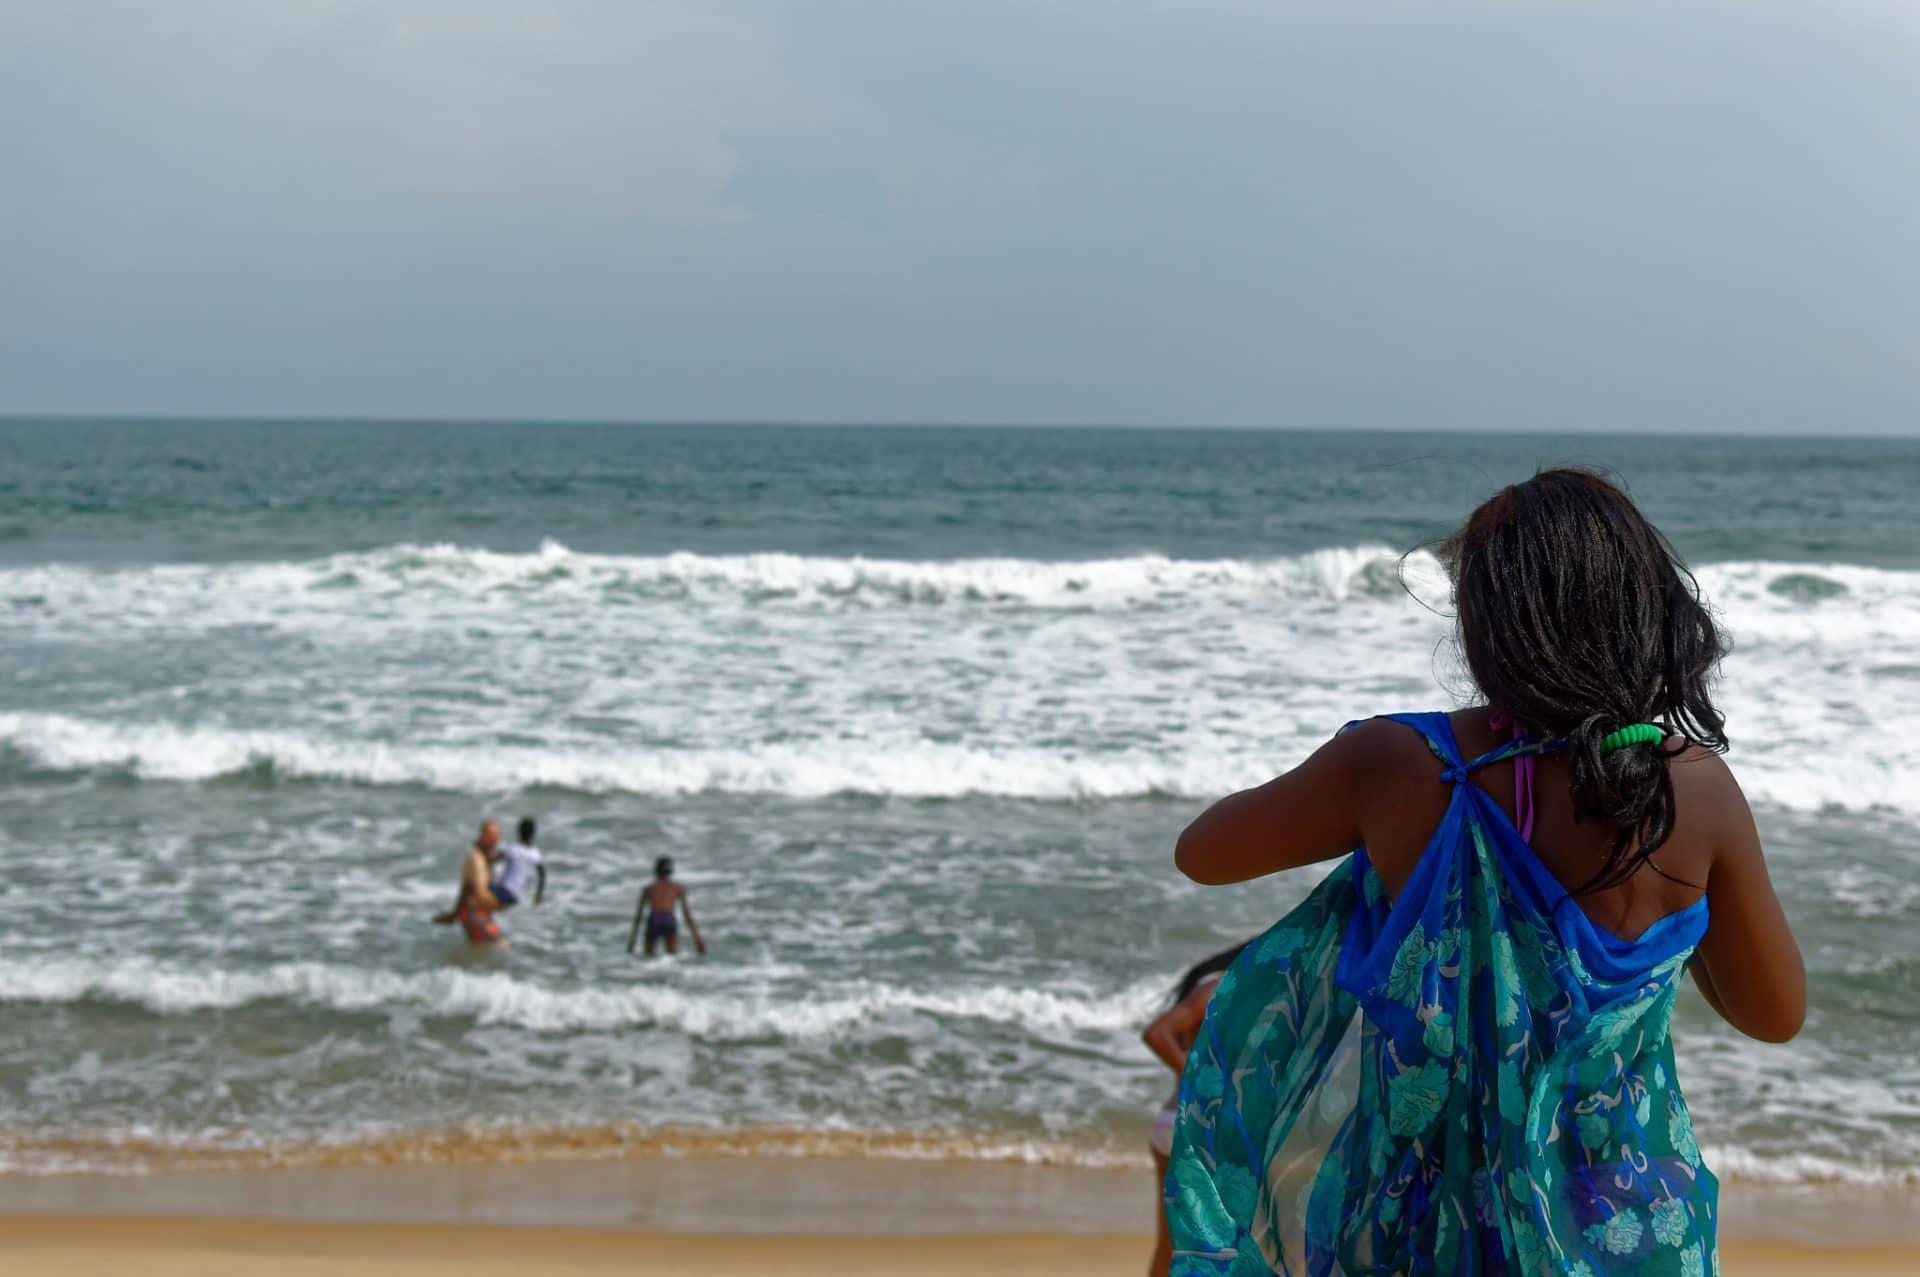 Bassam sur la plage en Côte d'Ivoire